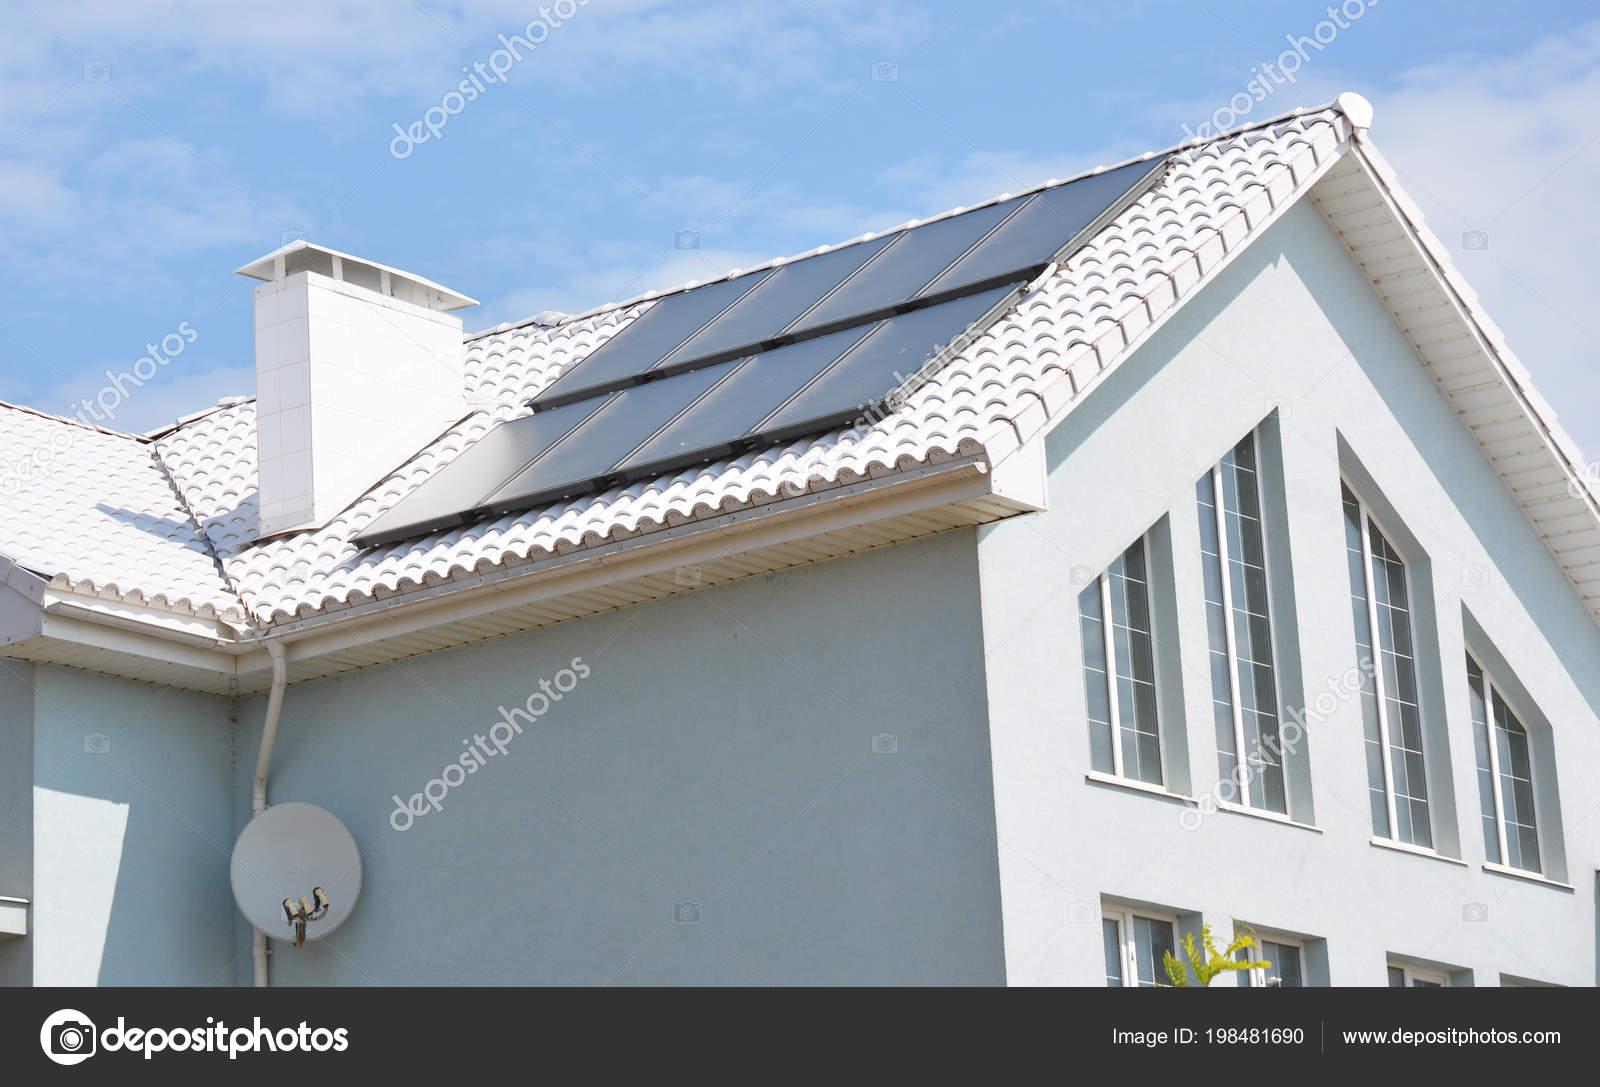 Modernes Haus Mit Energieeffizienz Lösung Konzept Dach Haus Mit  Solarenergie U2014 Stockfoto